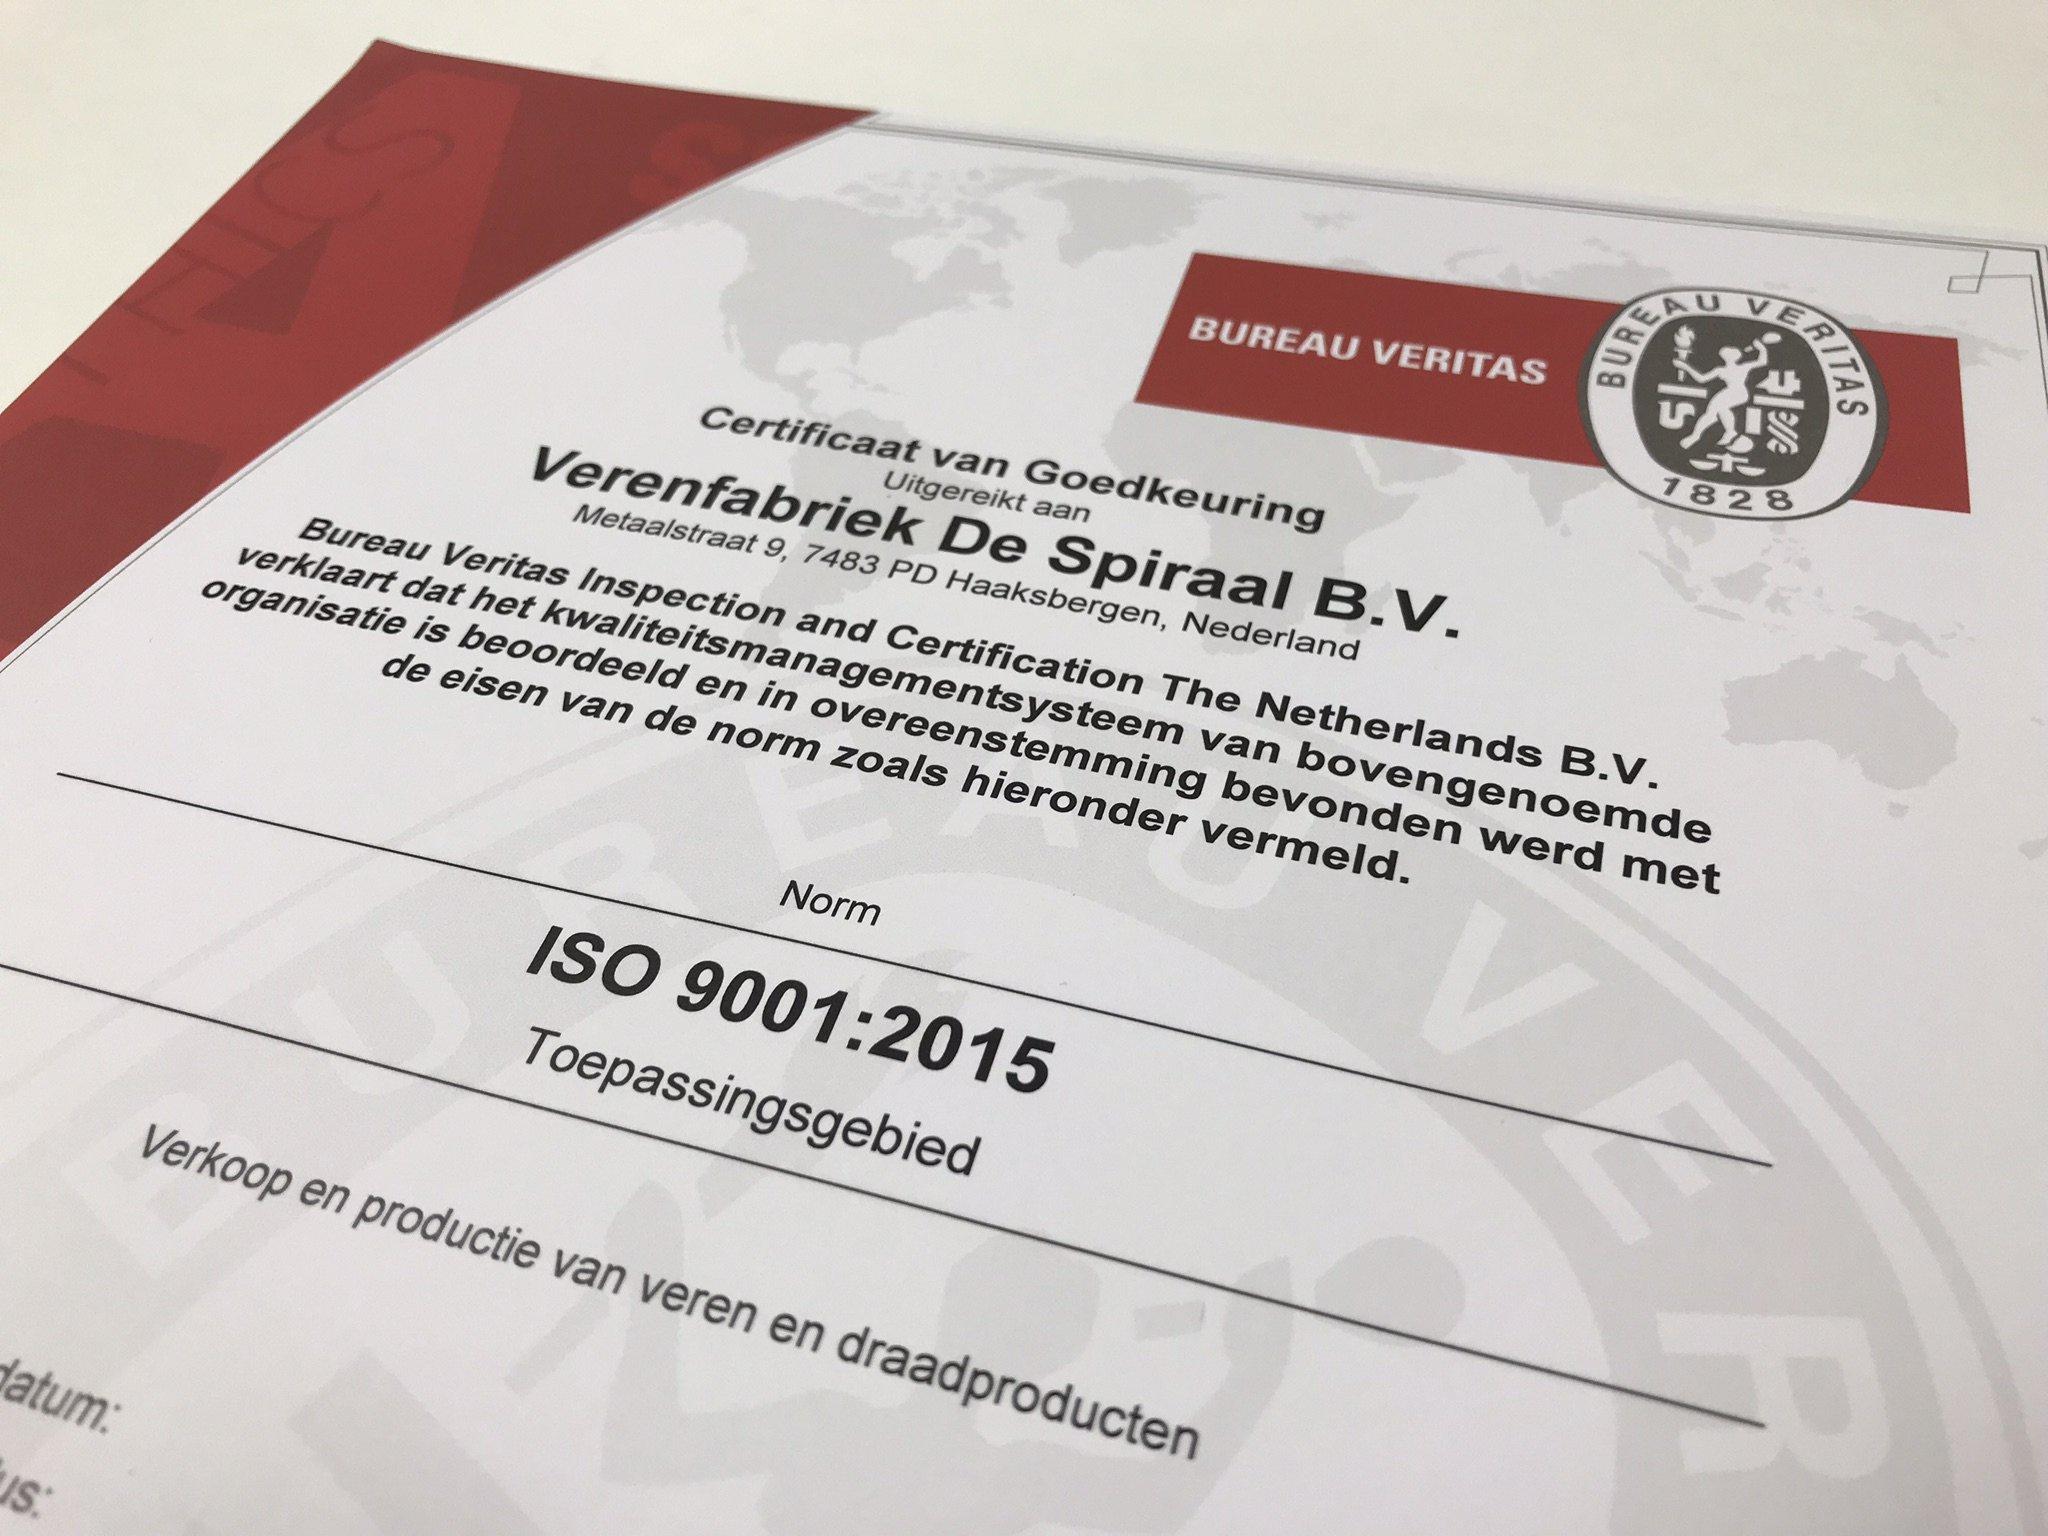 Verenfabriek_de_Spiraal_ISO_9001_certificaat